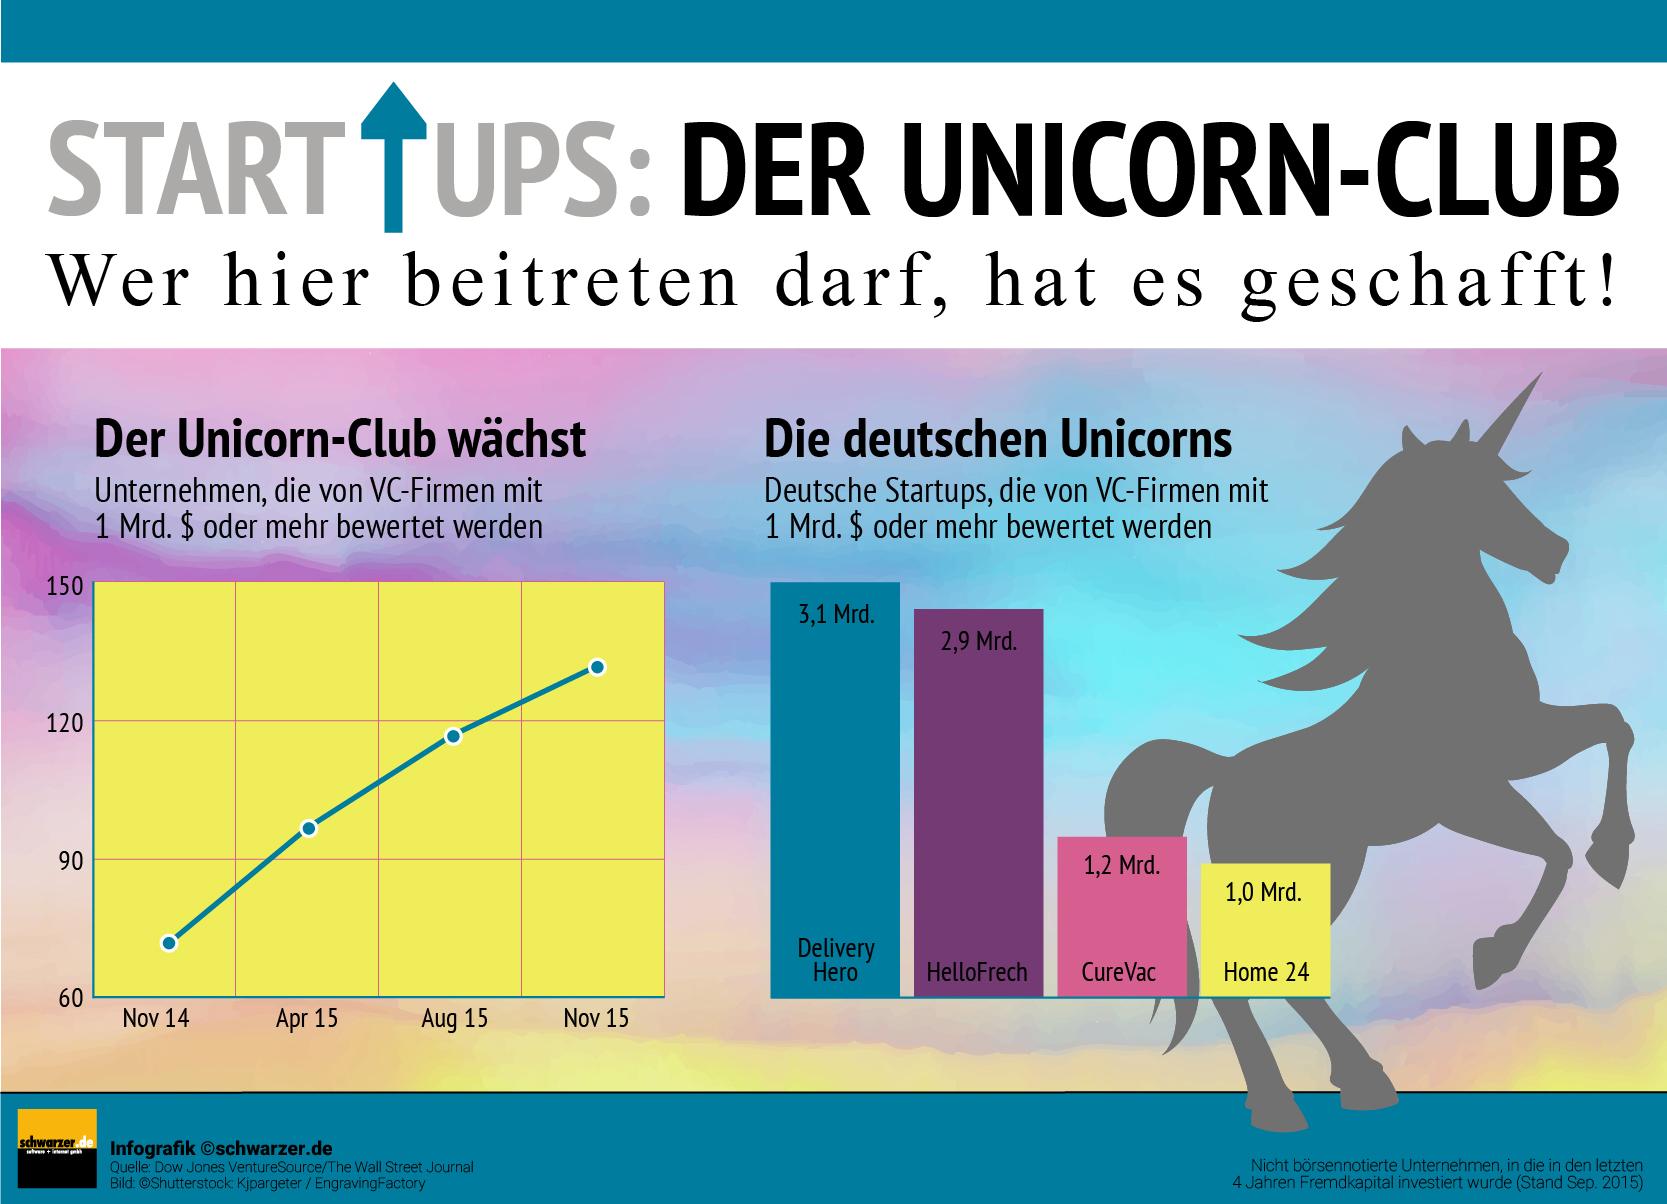 Infografik: Wer darf dem Startup Unicorn Club beitreten und wieviele deutschen Startups zählen dazu?